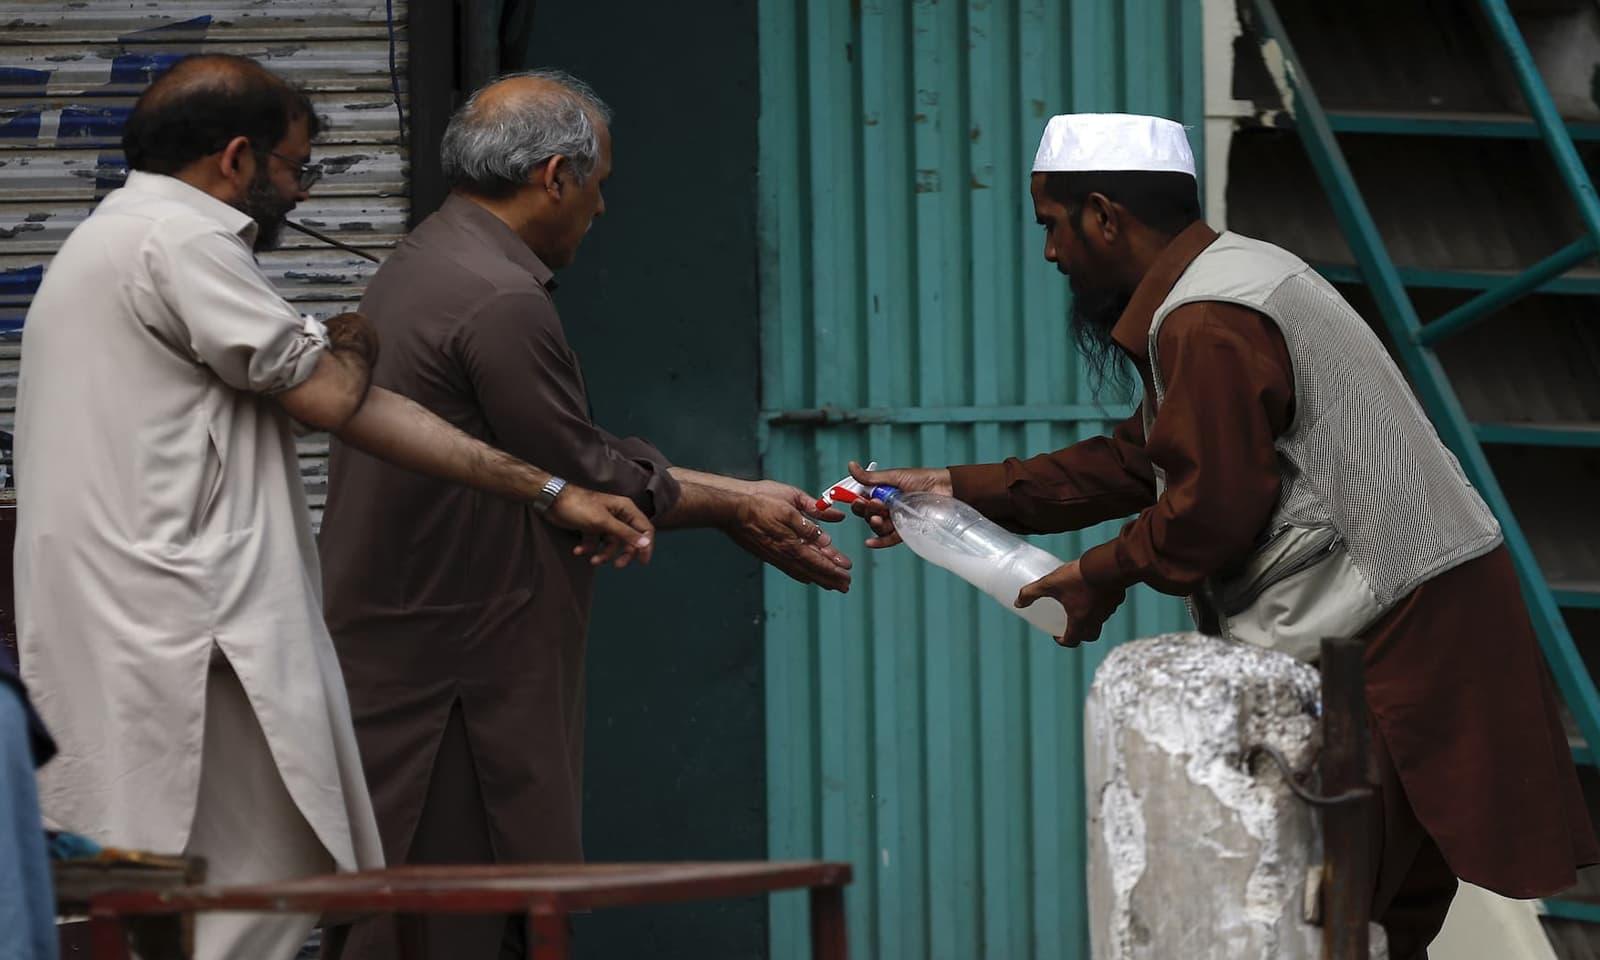 راولپنڈی میں ایک رضا کار نمازیوں کے ہاتھوں پر جراثیم کش اسپرے کر رہا ہے — فوٹو: اے پی